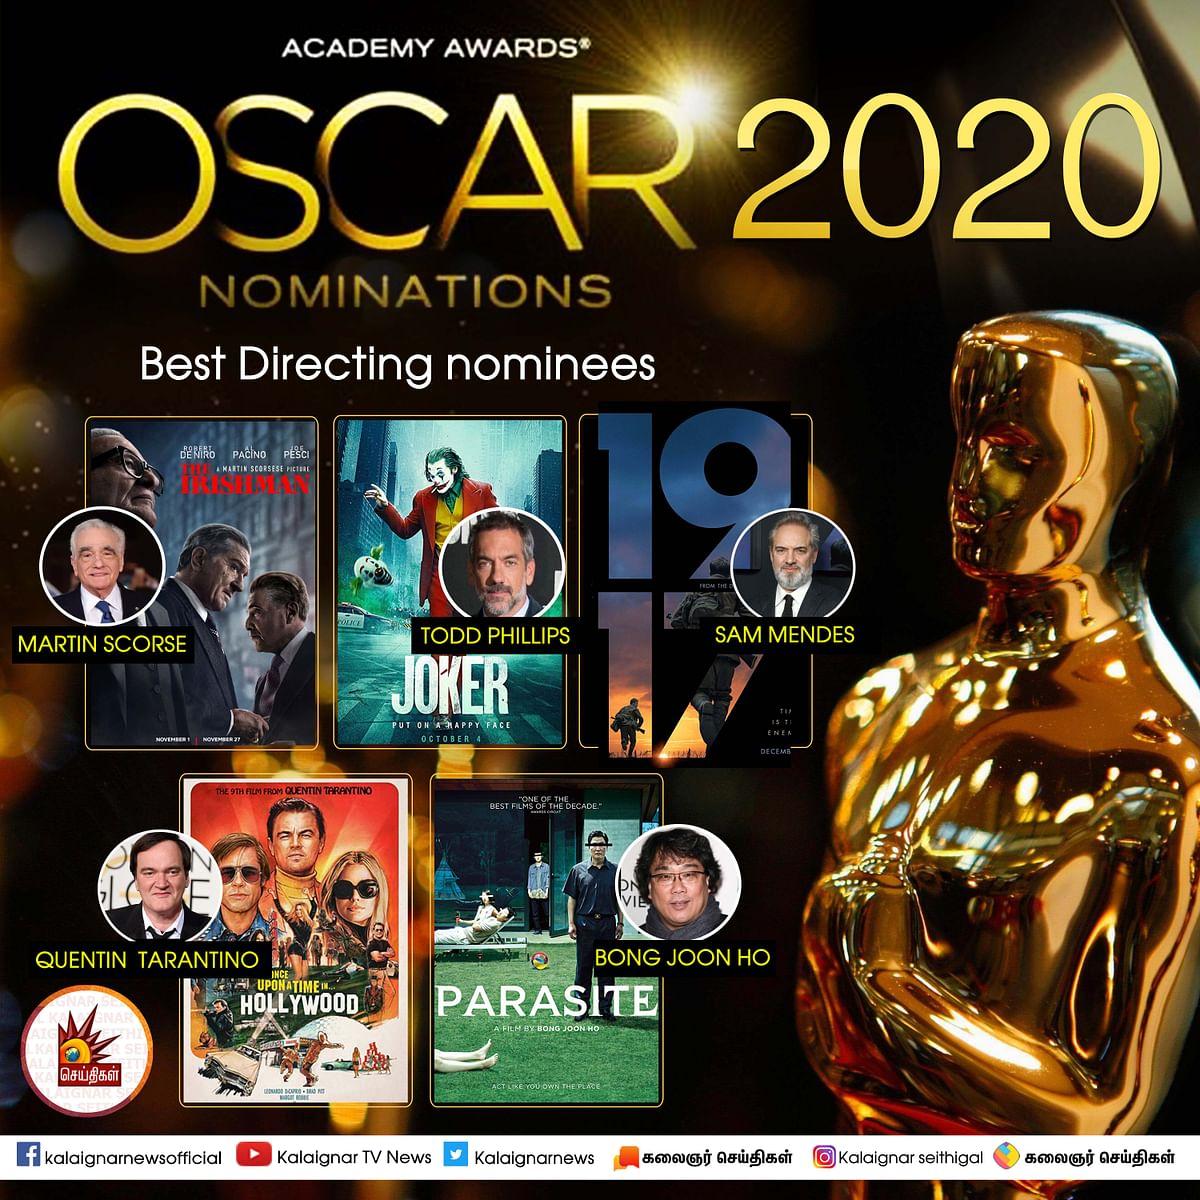 ஆஸ்கரை ஆக்கிரமித்த 'ஜோக்கர்' : பல பிரிவுகளின் கீழ் பரிந்துரை! #Oscars2020